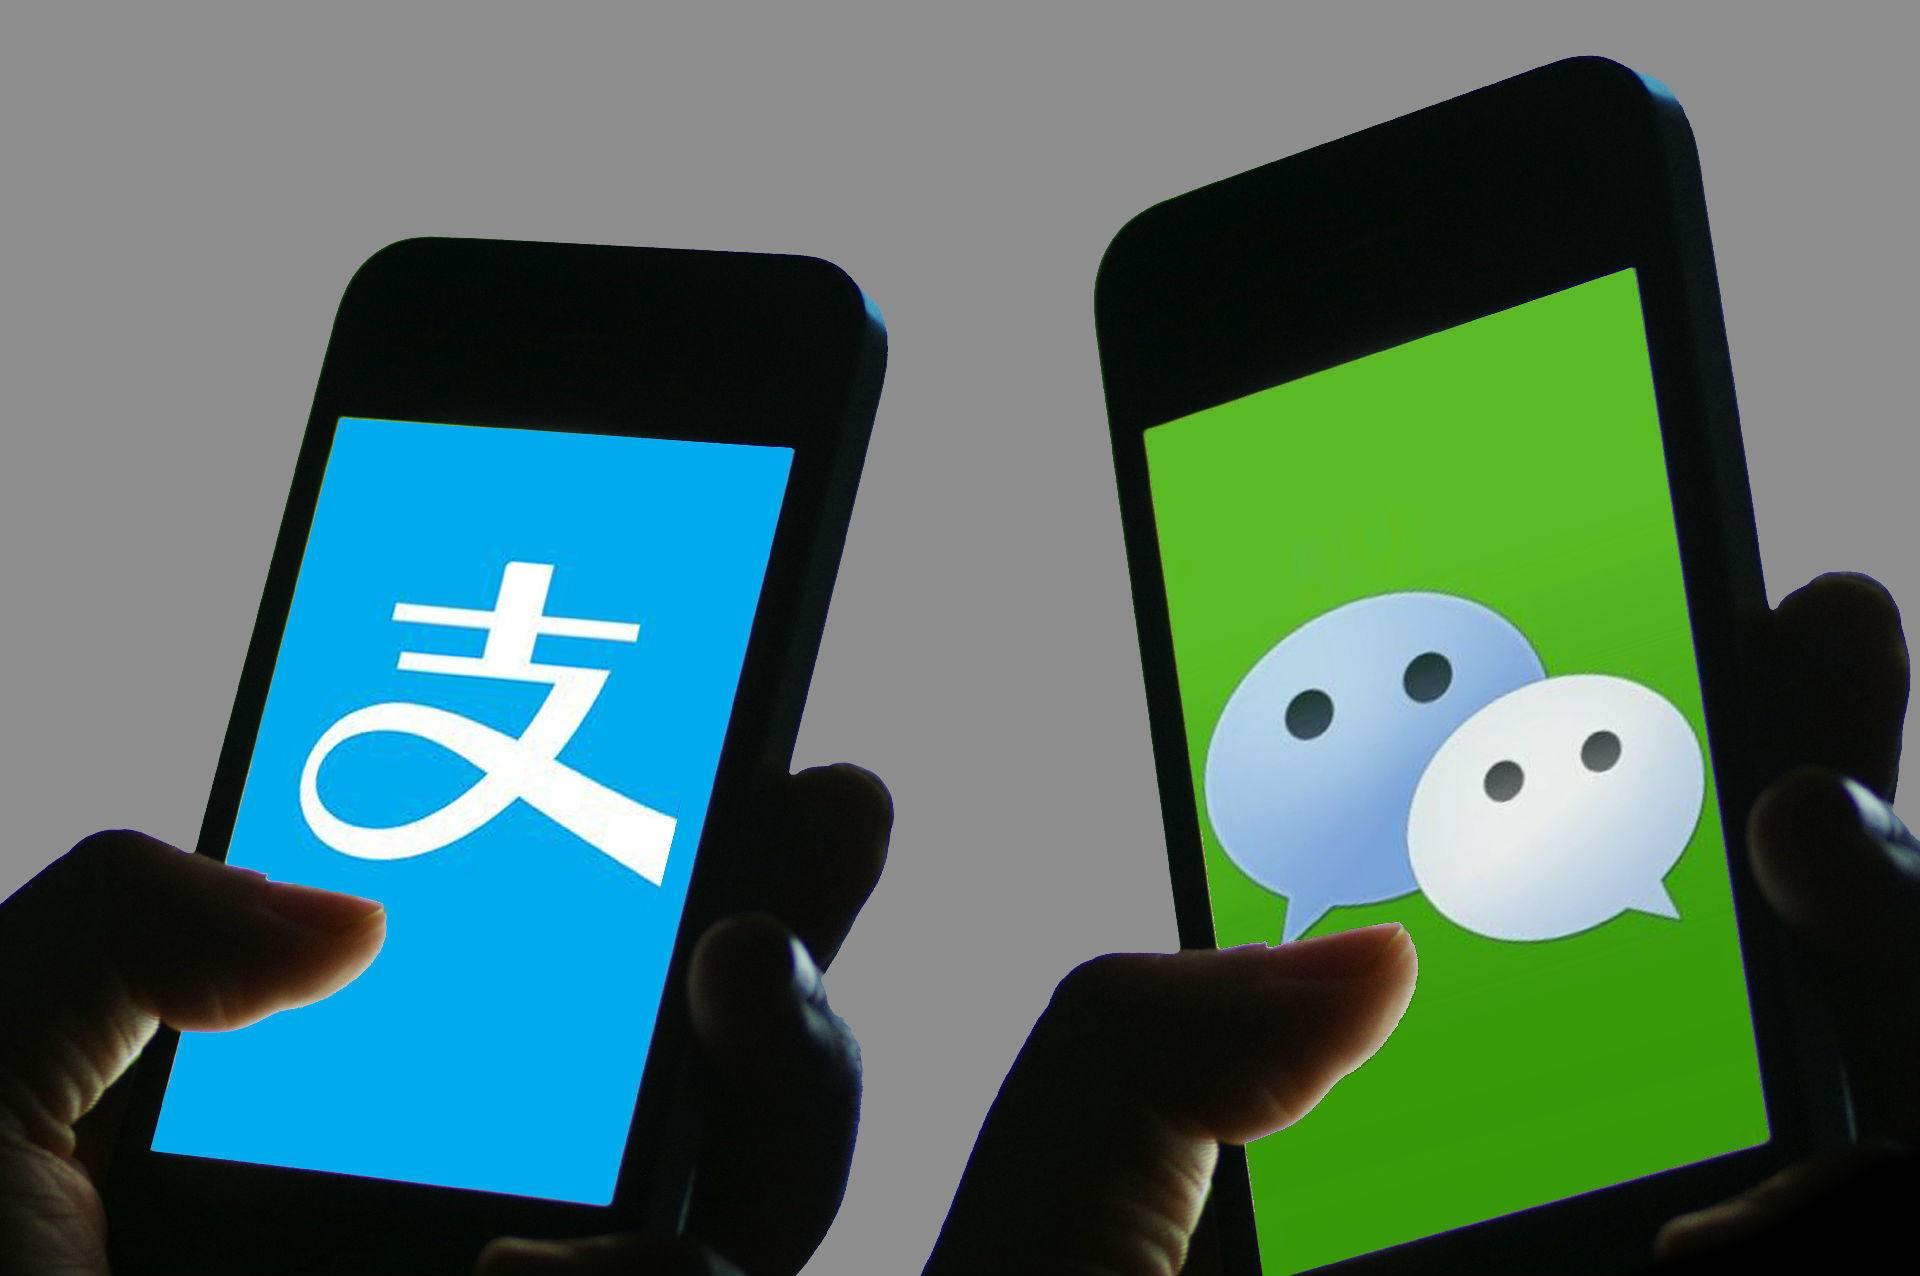 原来数字人民币长这样!深圳抢先试用,对支付宝和微信有影响吗?